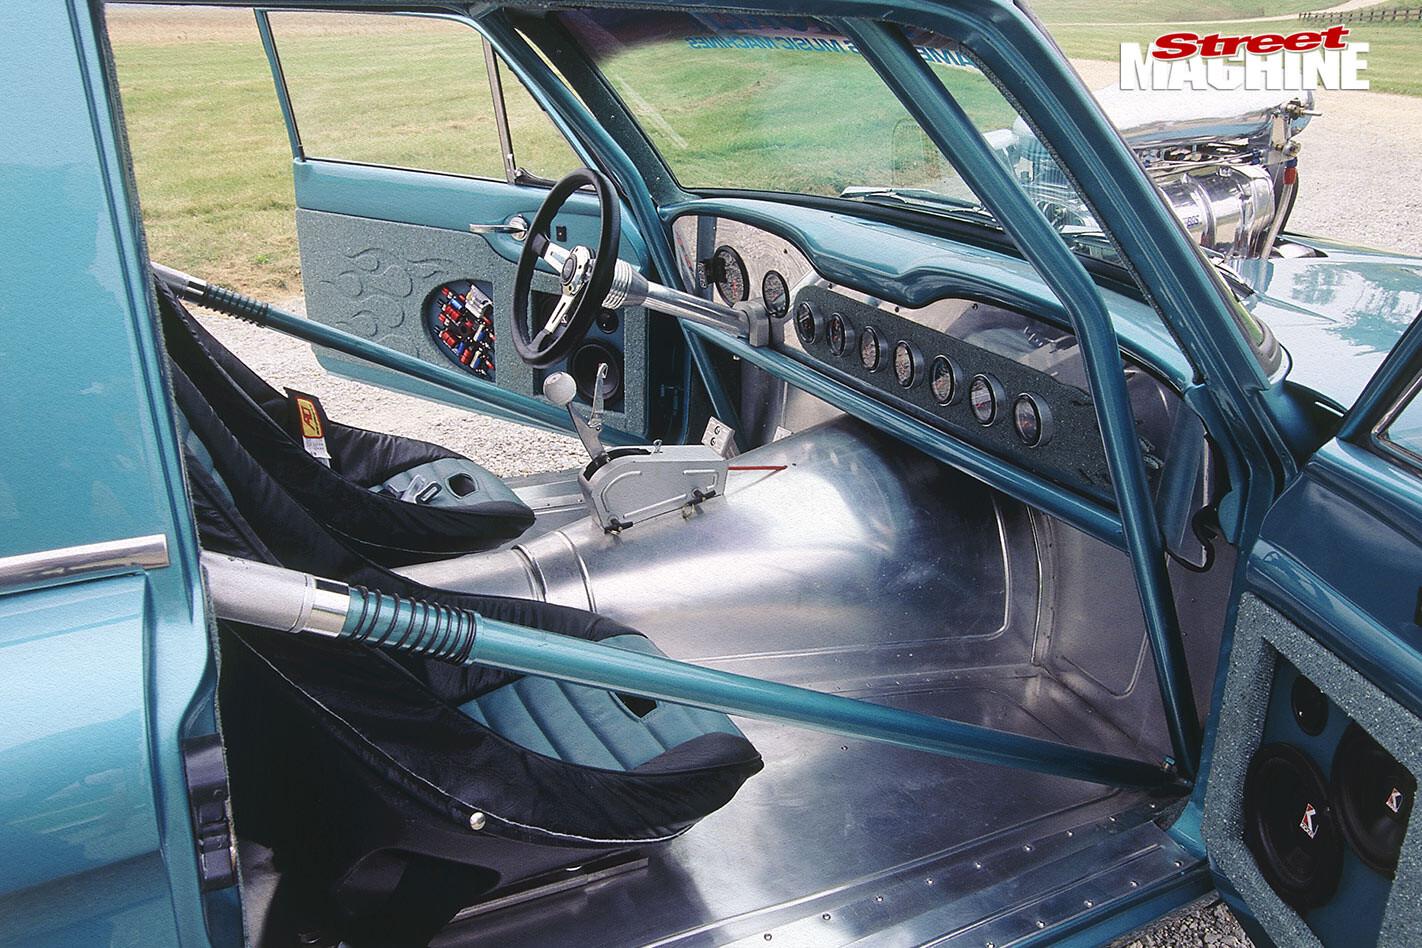 Ford Falcon wagon interior front